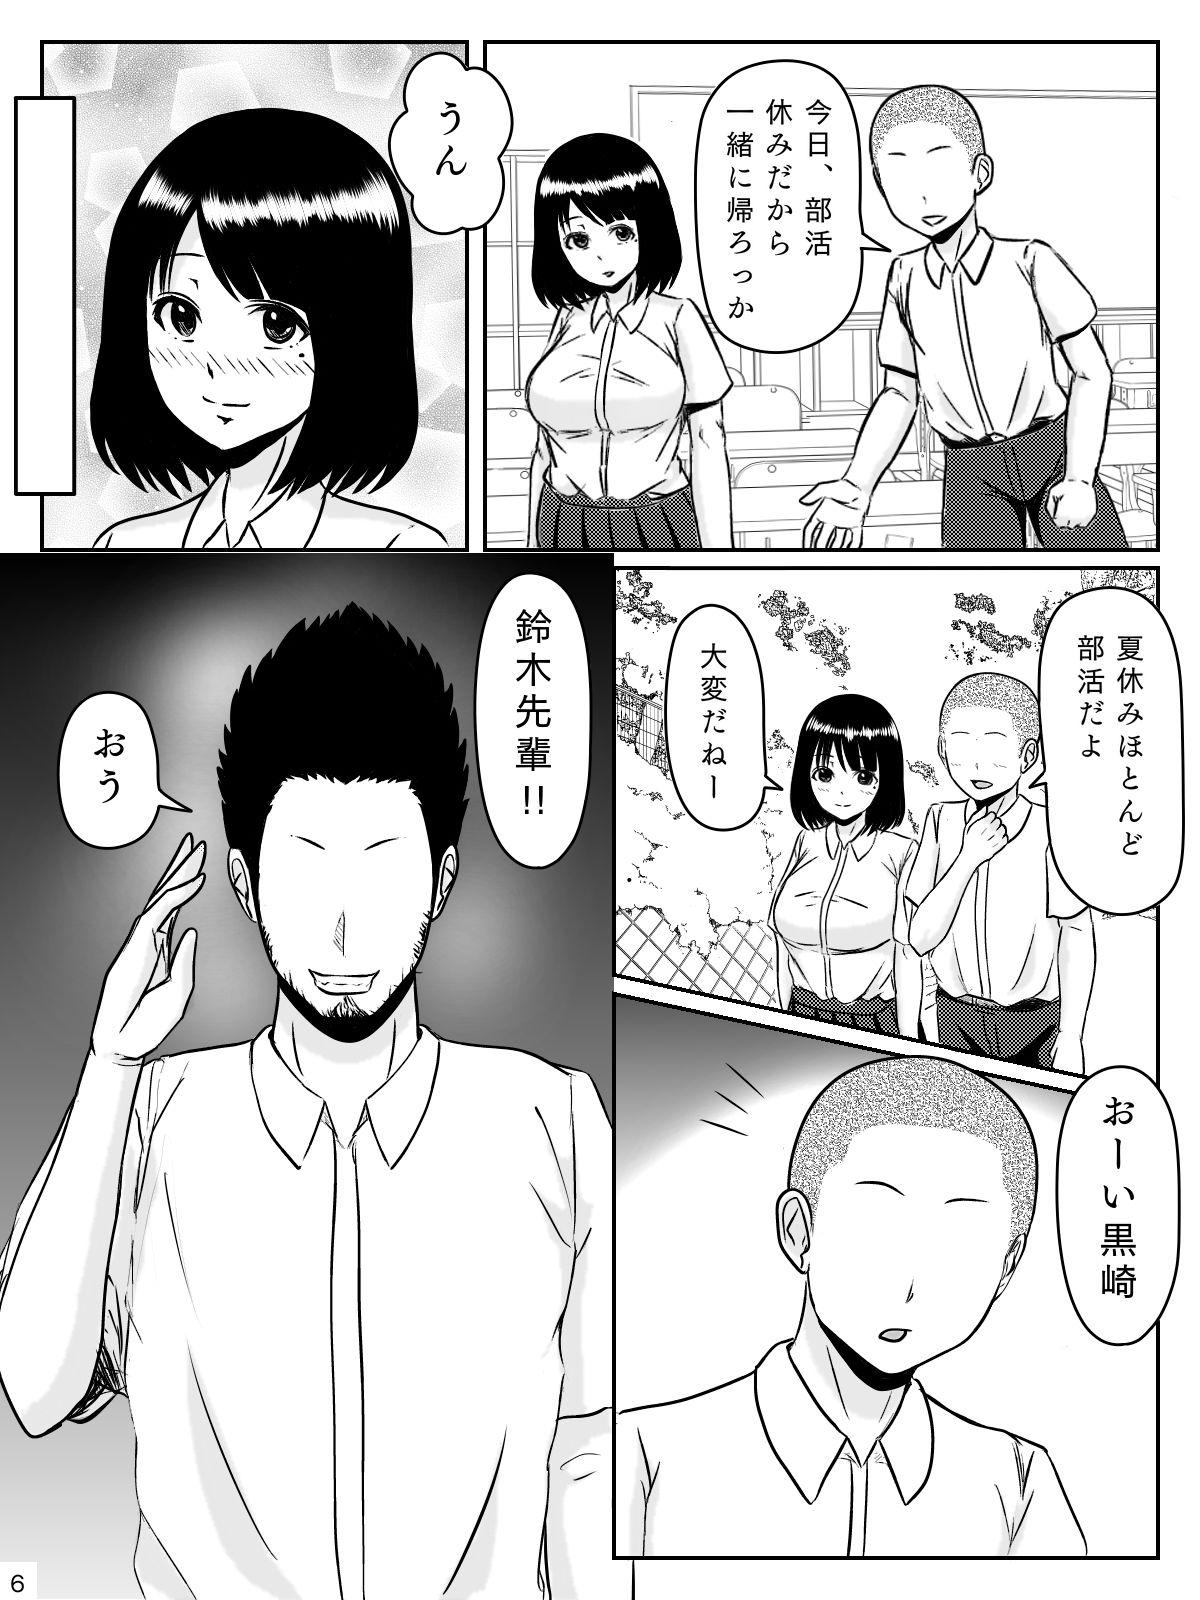 【エロ漫画無料大全集】大好きな彼氏の為に他の男に抱かれる女の子の姿に勃起が収まらない…